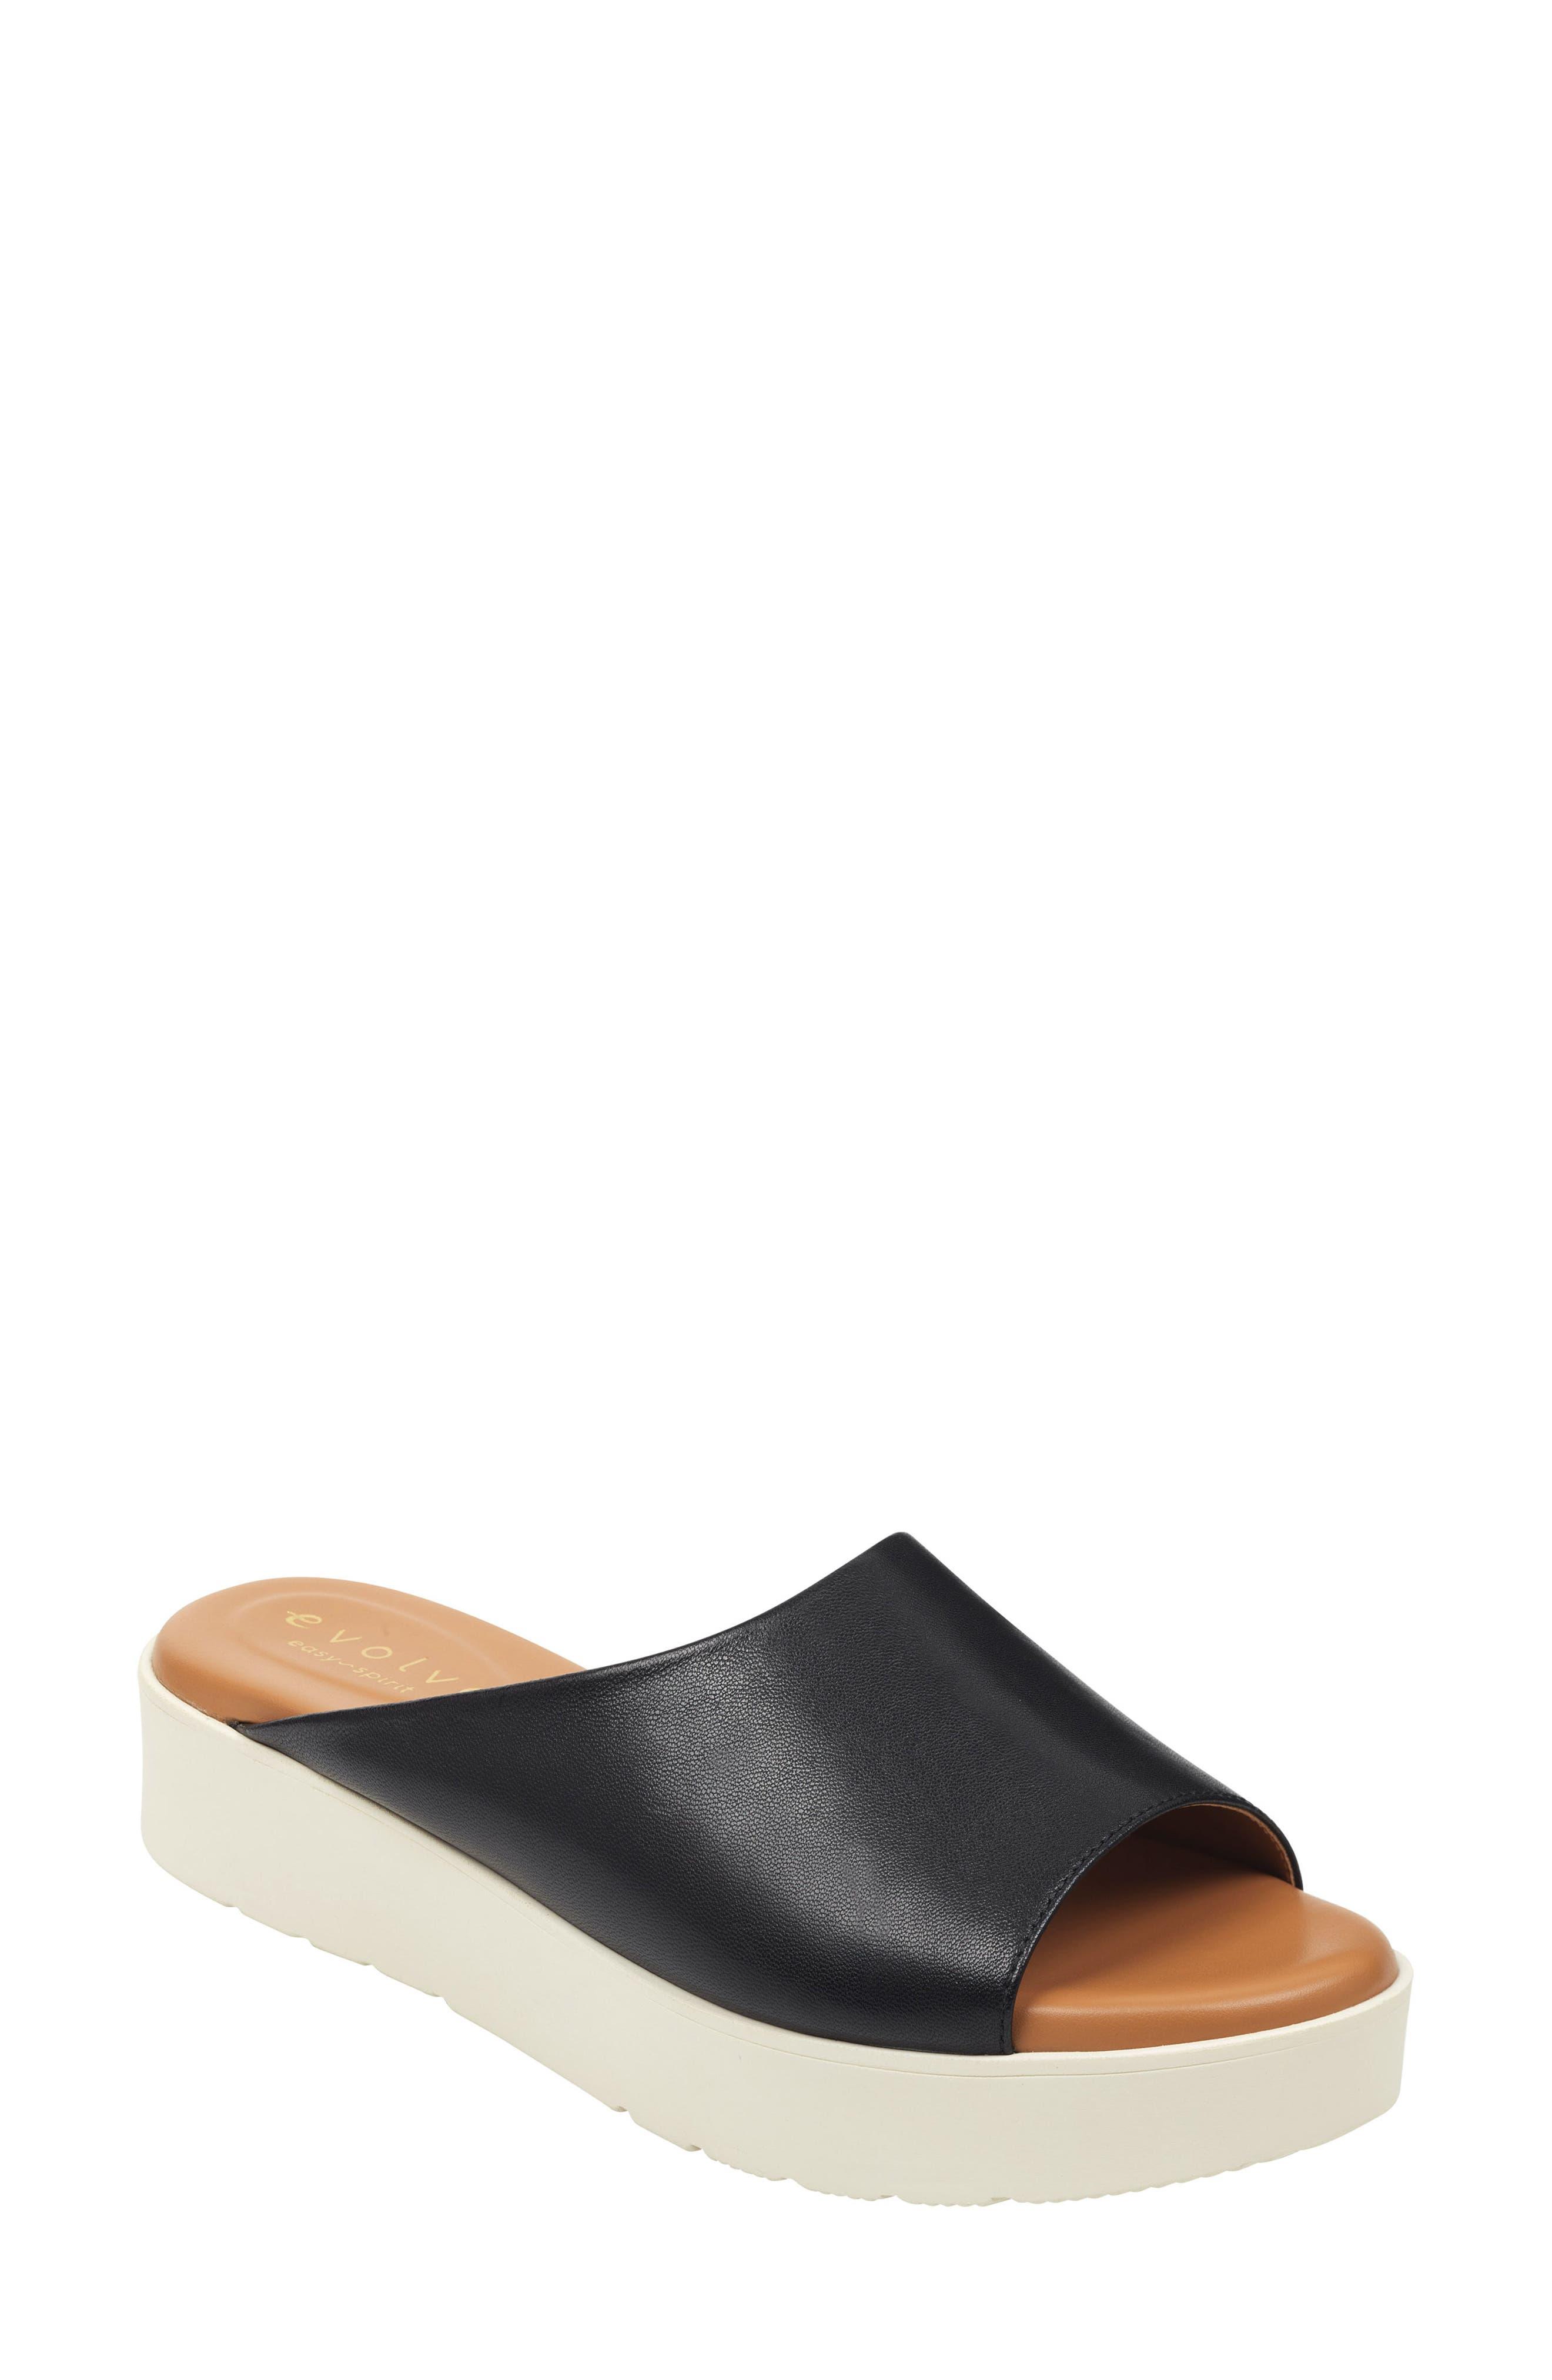 Flora Slide Sandal, Main, color, BLACK LEATHER